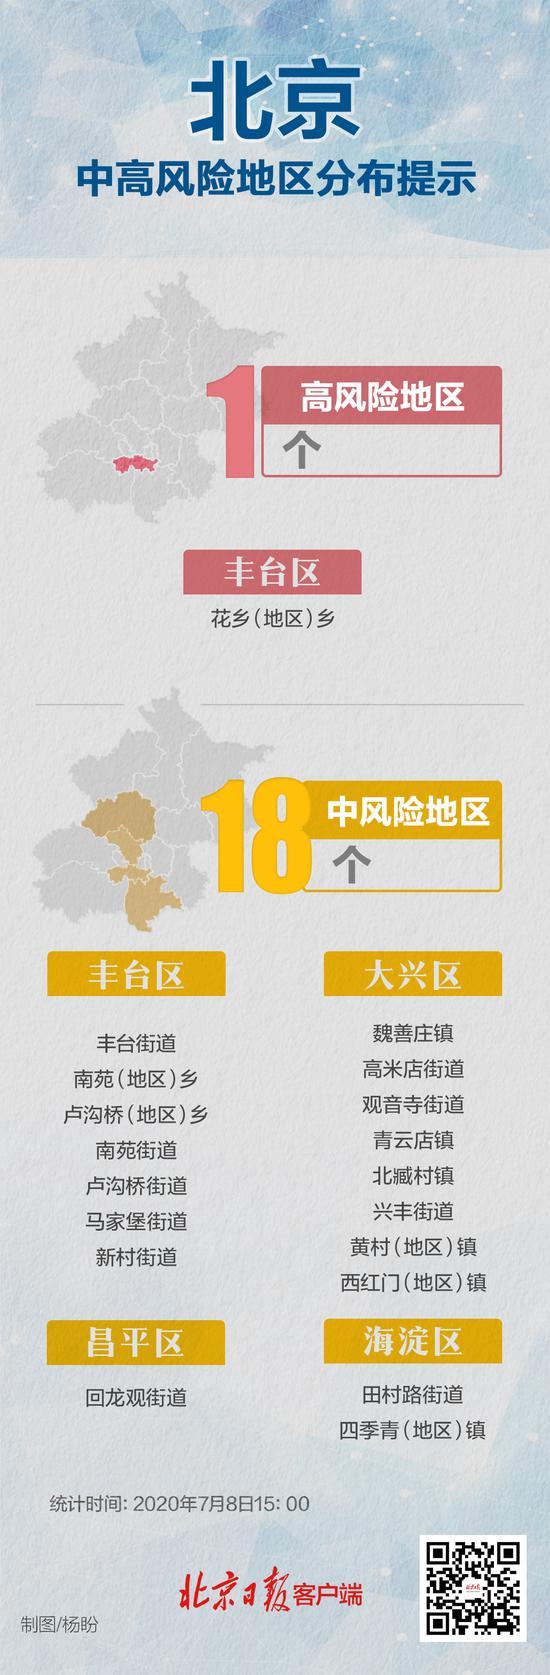 摩鑫测速:新今日北京无疫摩鑫测速情风险等级变图片